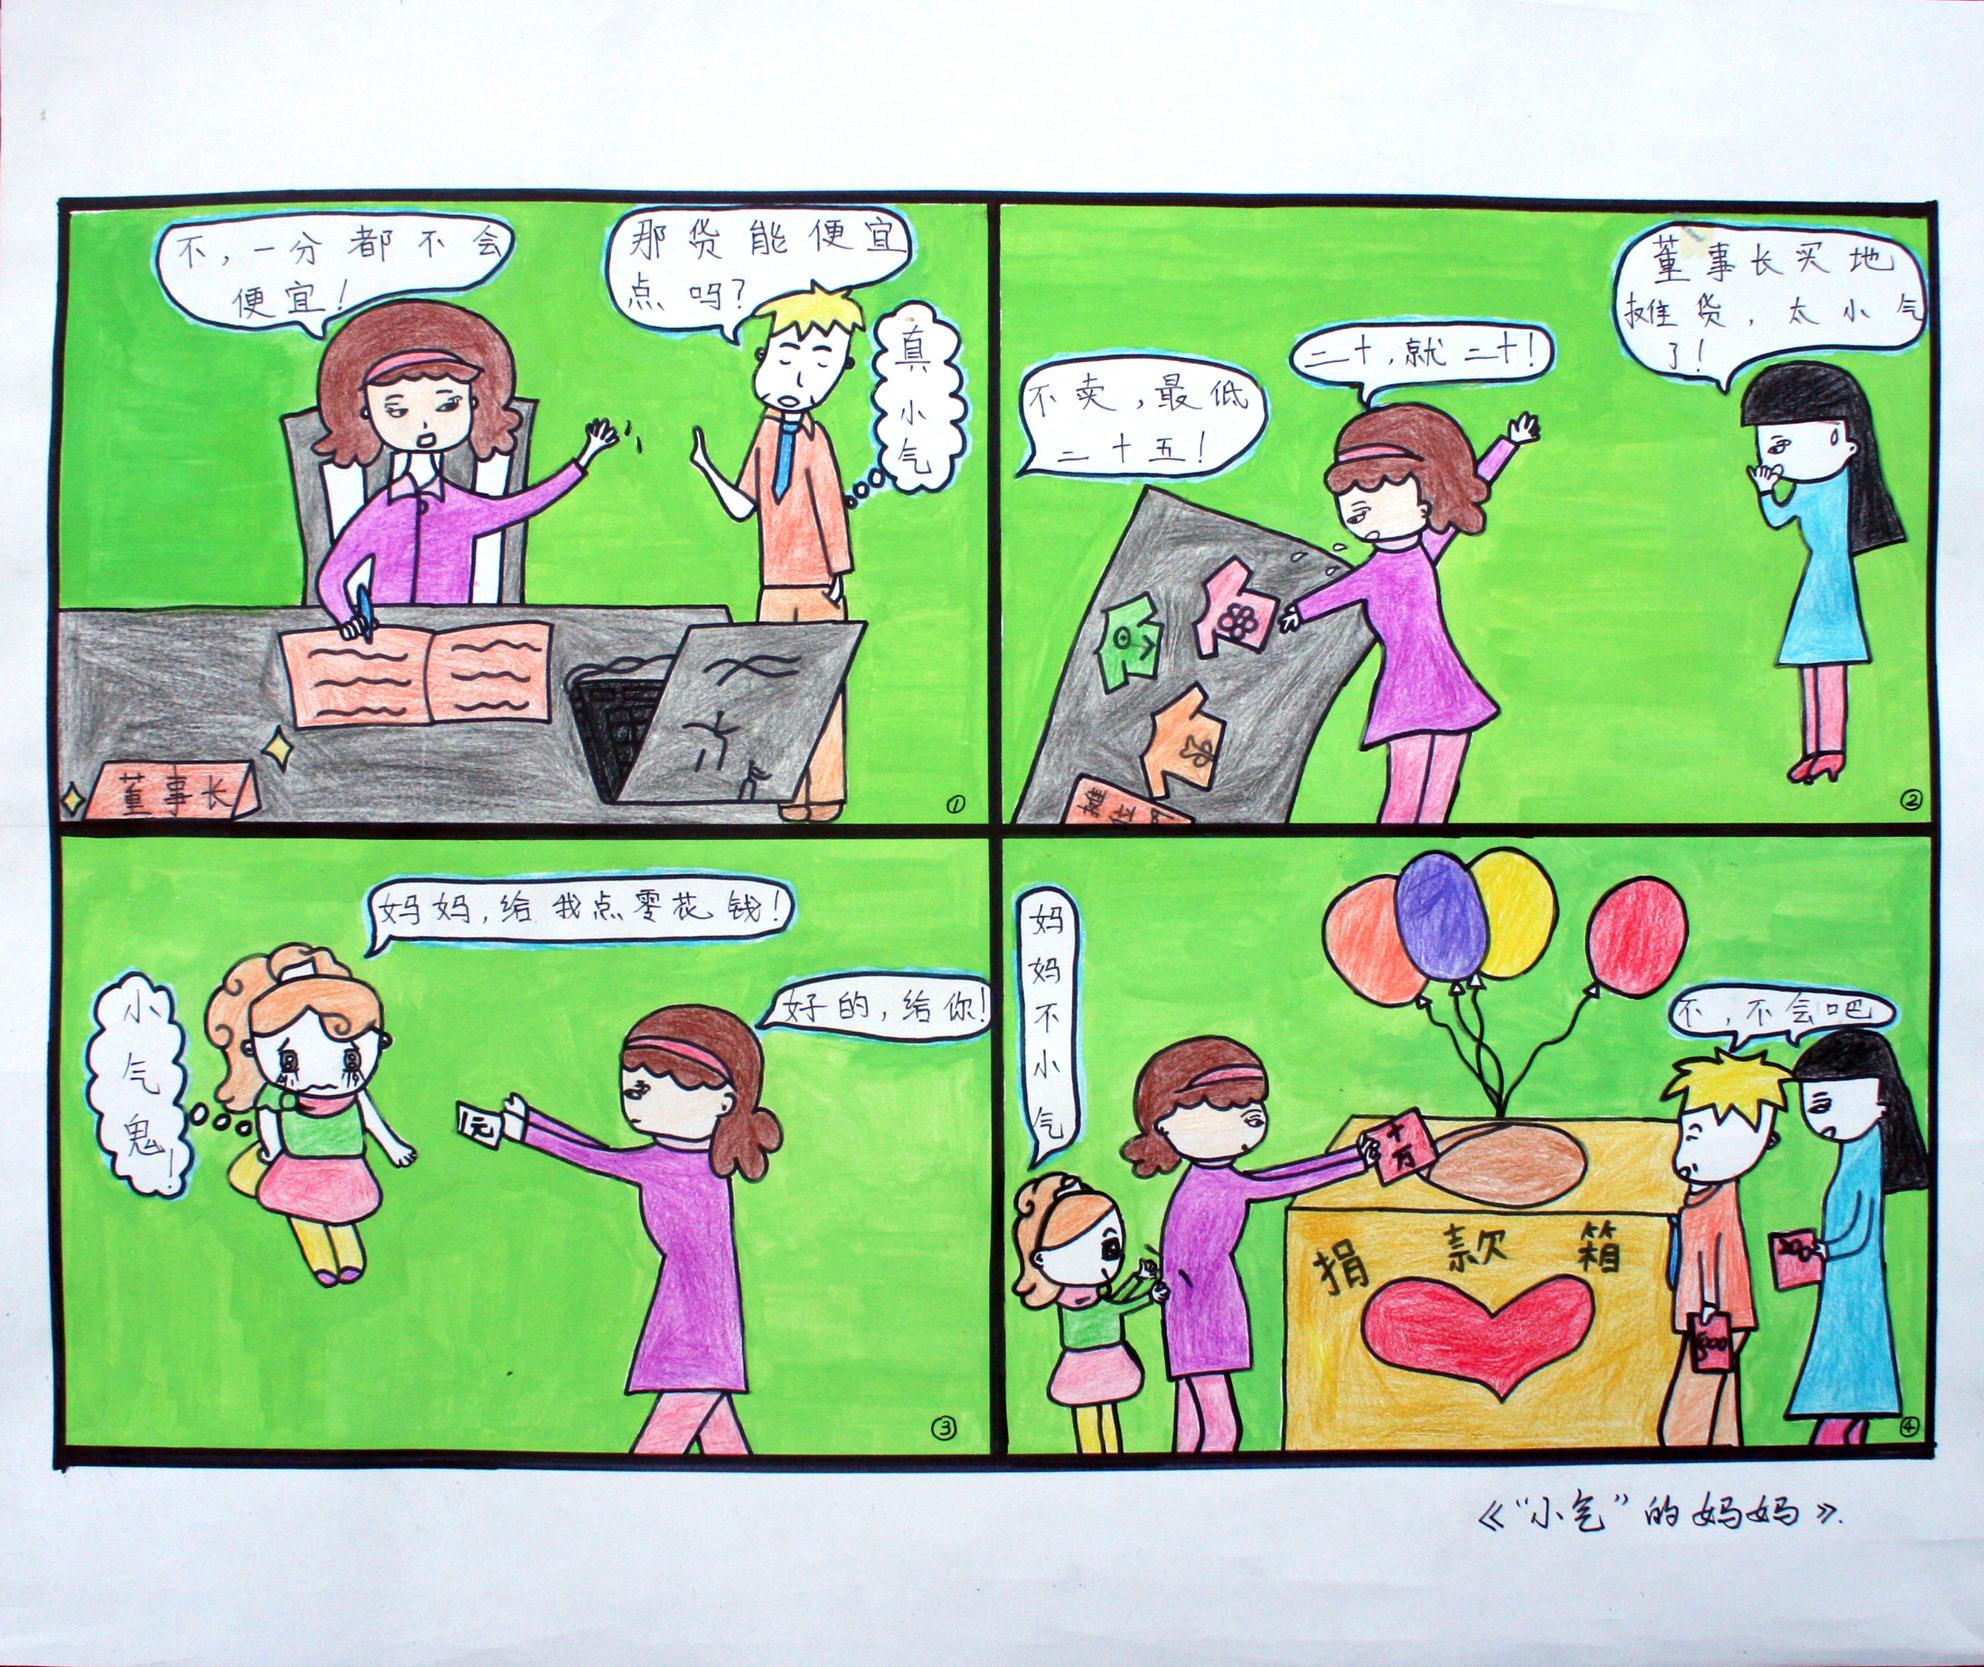 小学生法制漫画大全绘制漫画人物安全宣传漫画5_89